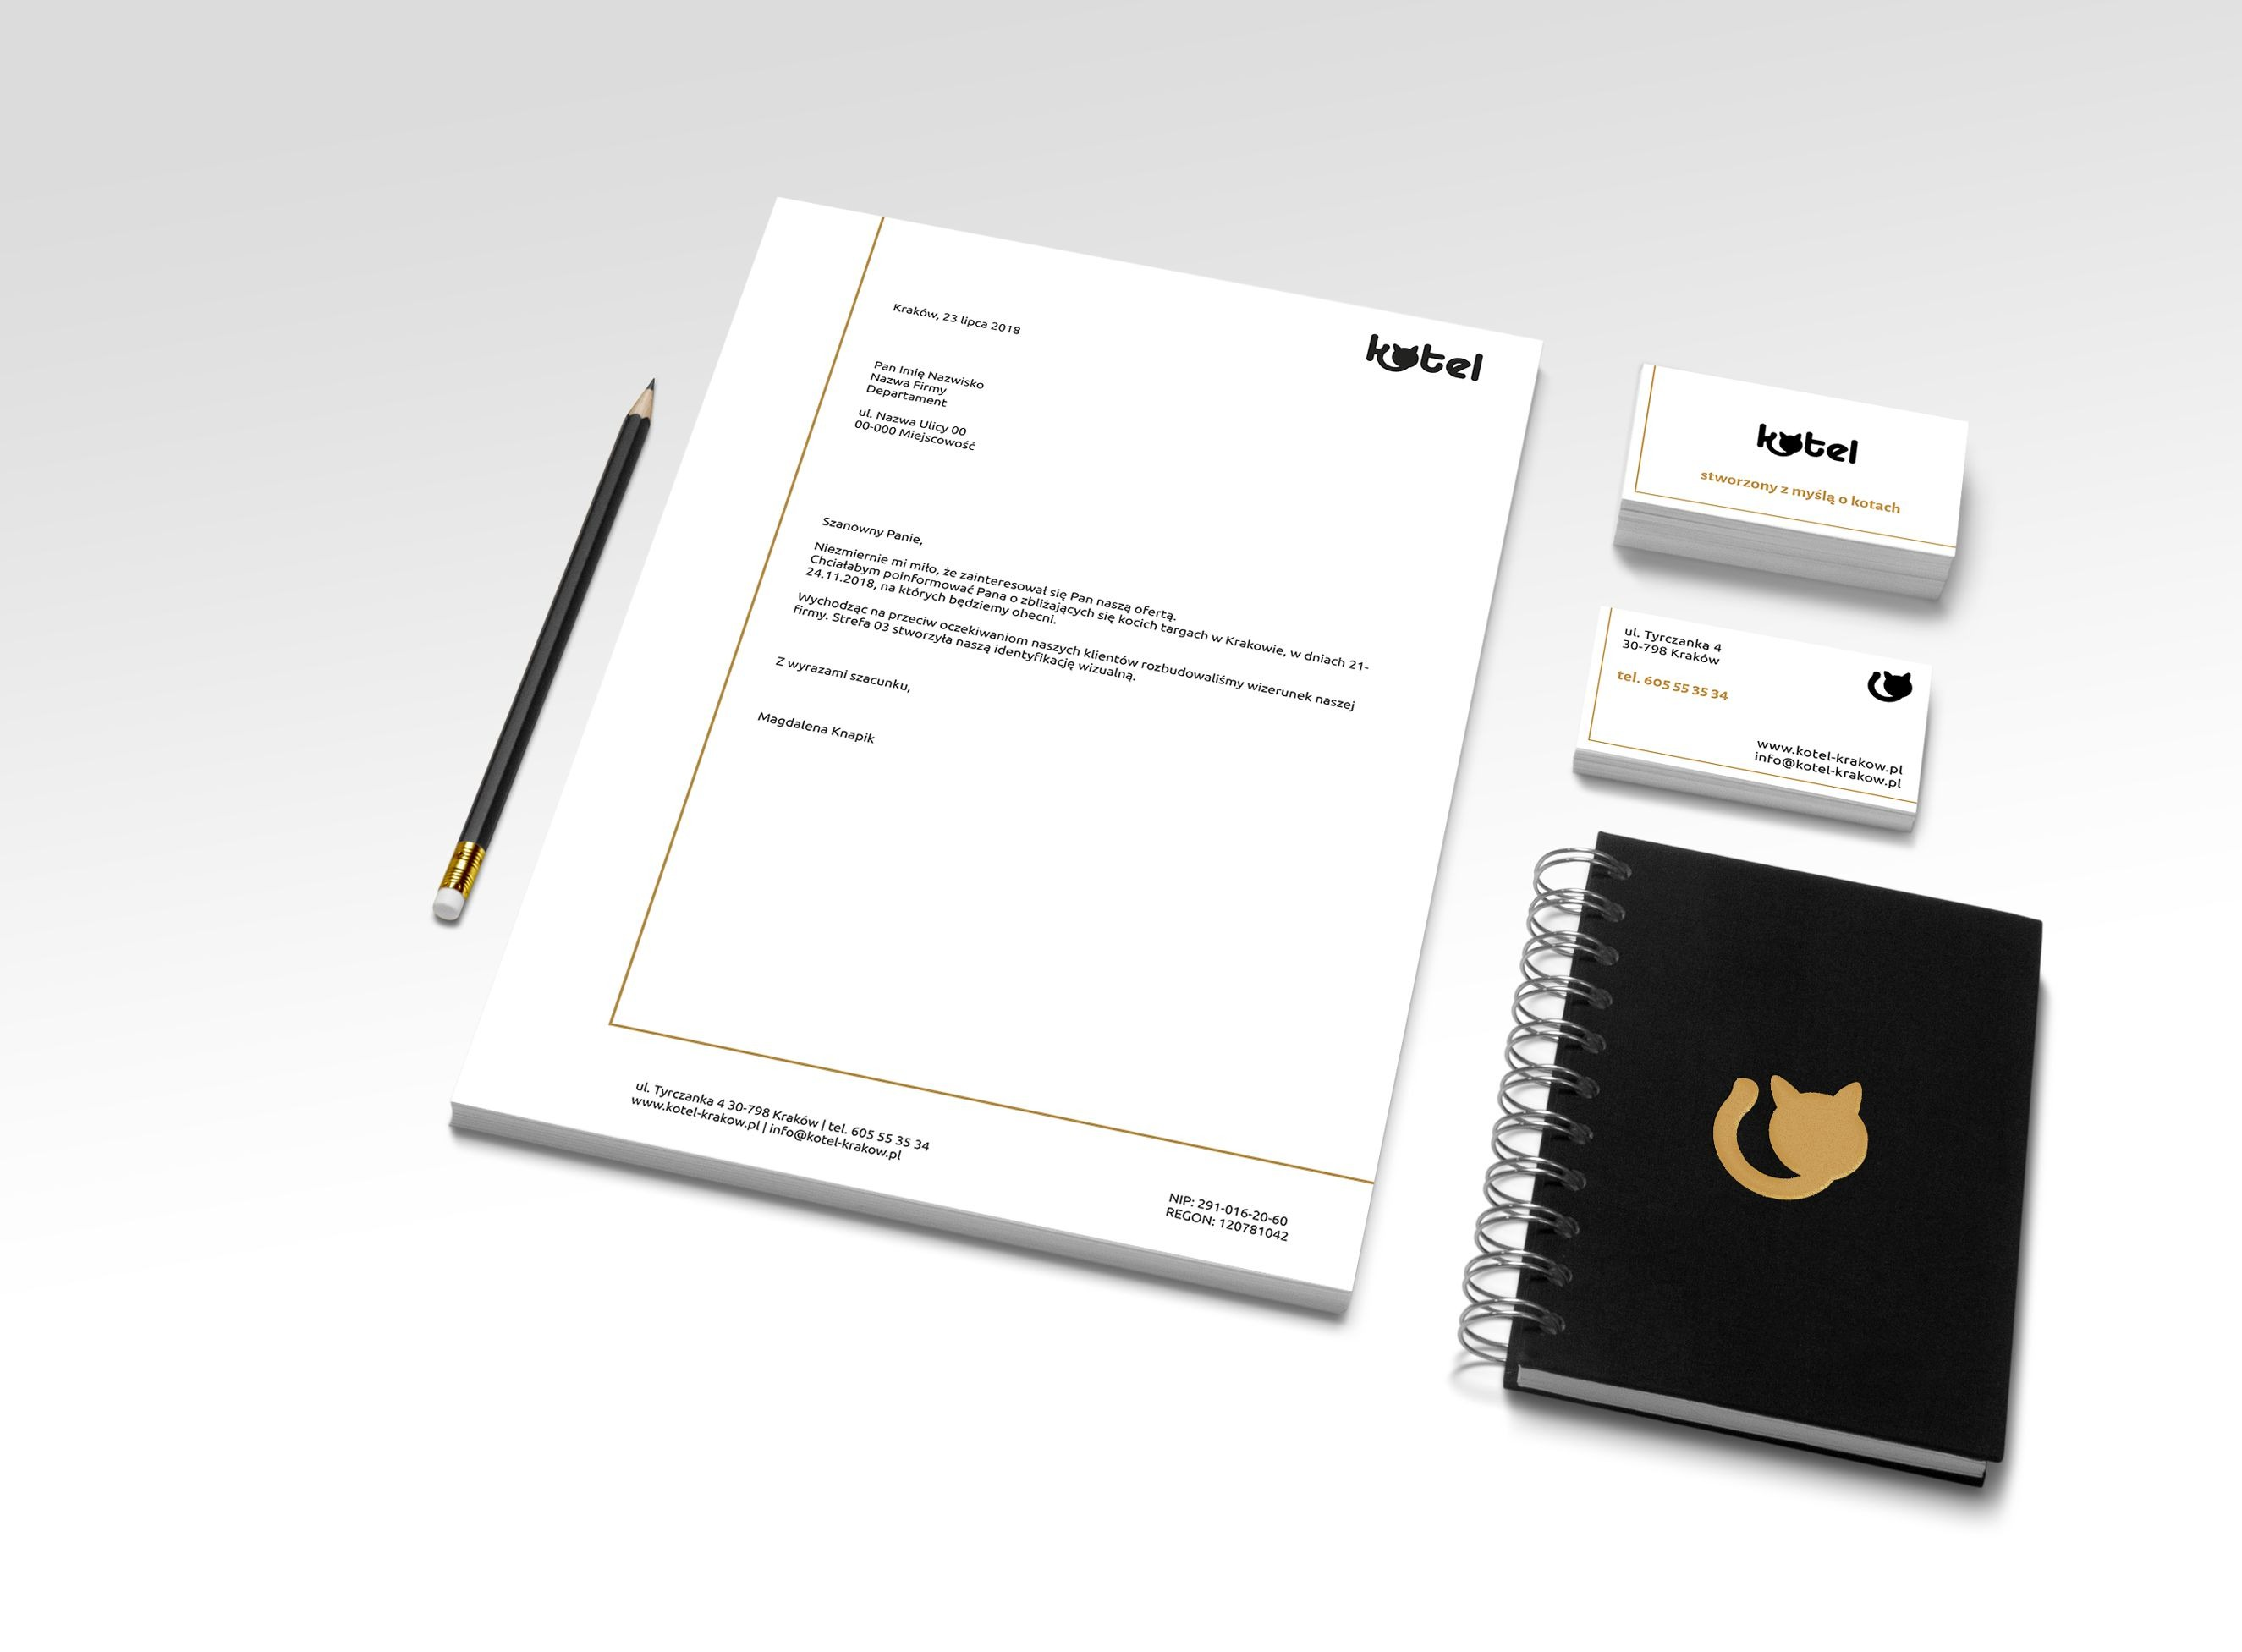 Identyfikacja wizualna dla Kotel | branding | identyfikacja wizualna